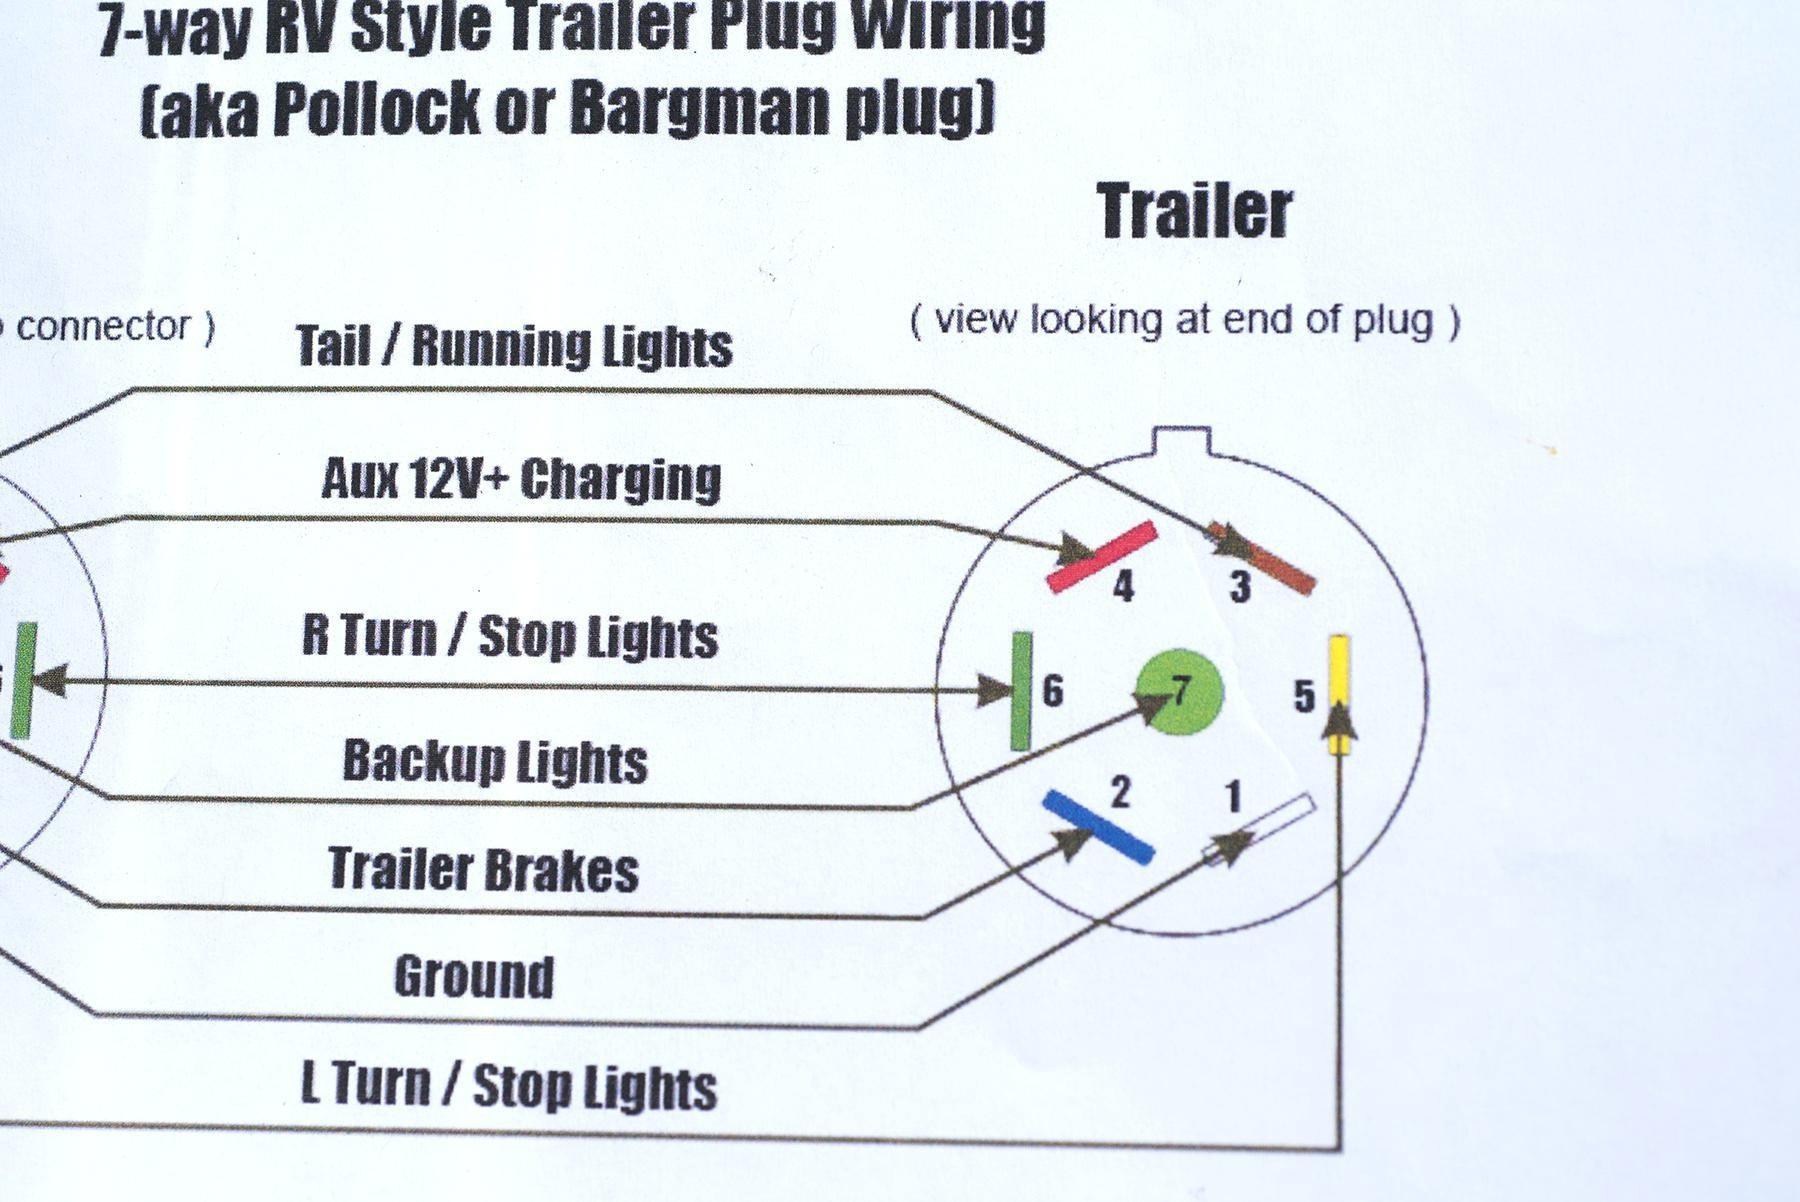 Sae 7 Pin Trailer Plug Wiring Diagram - Detailed Wiring Diagram - 7 Pin Trailer Connection Wiring Diagram